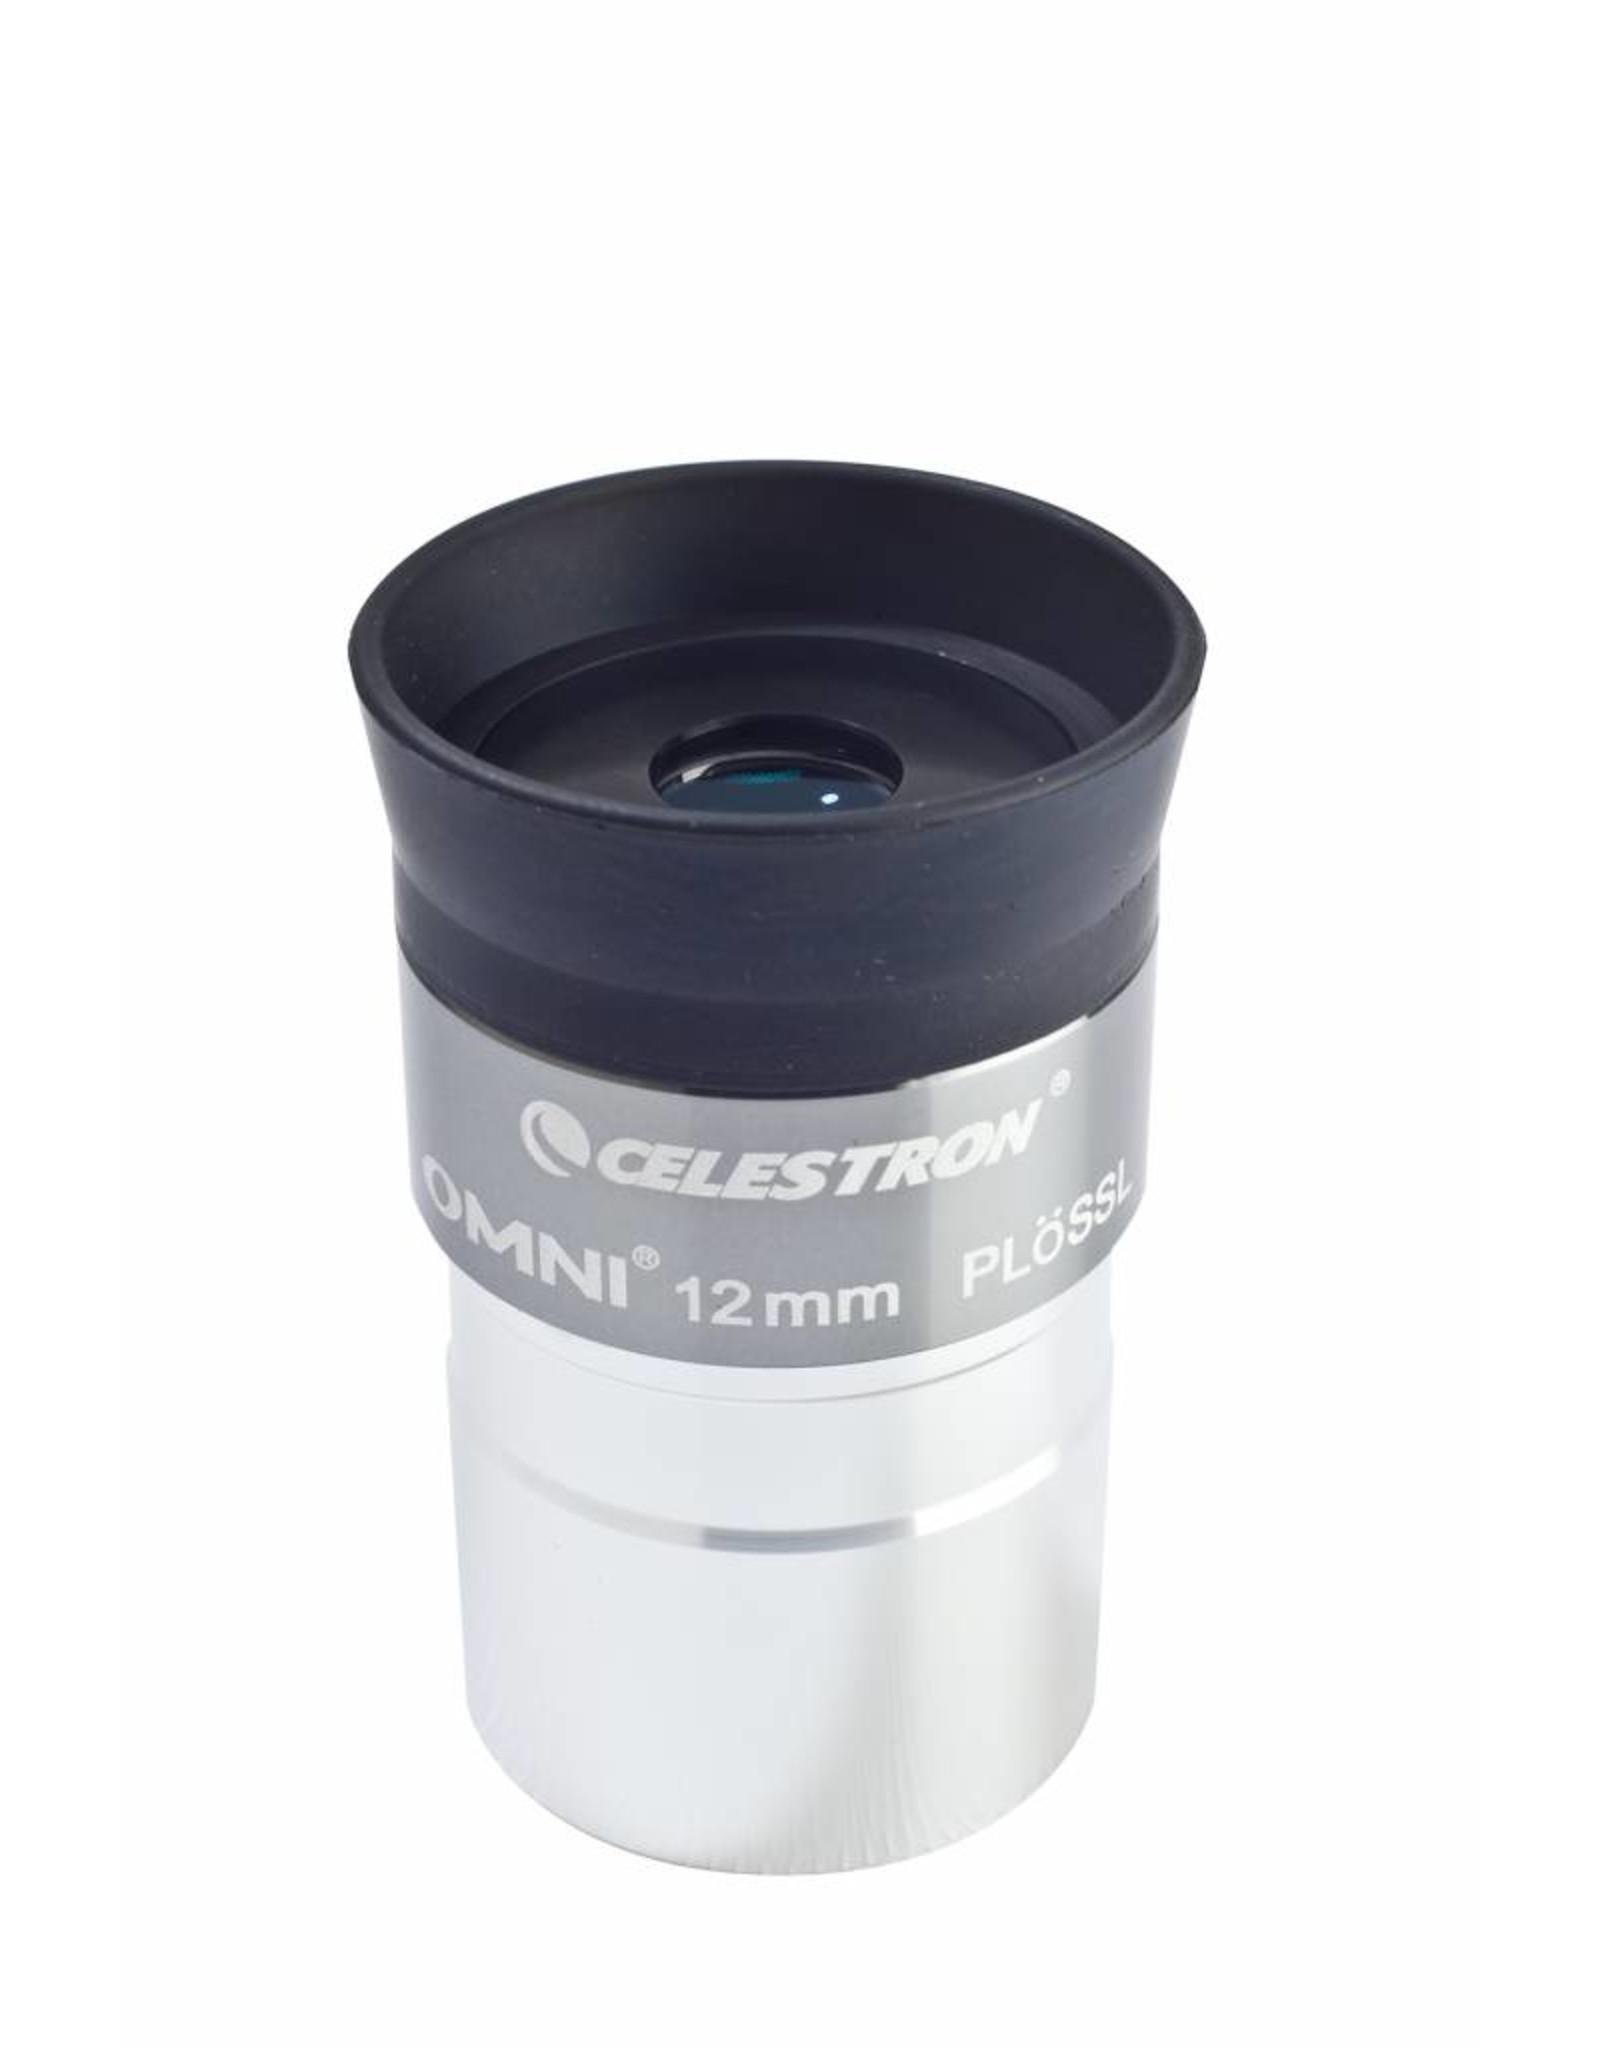 Celestron Celestron Omni Series 1.25 in - 12mm